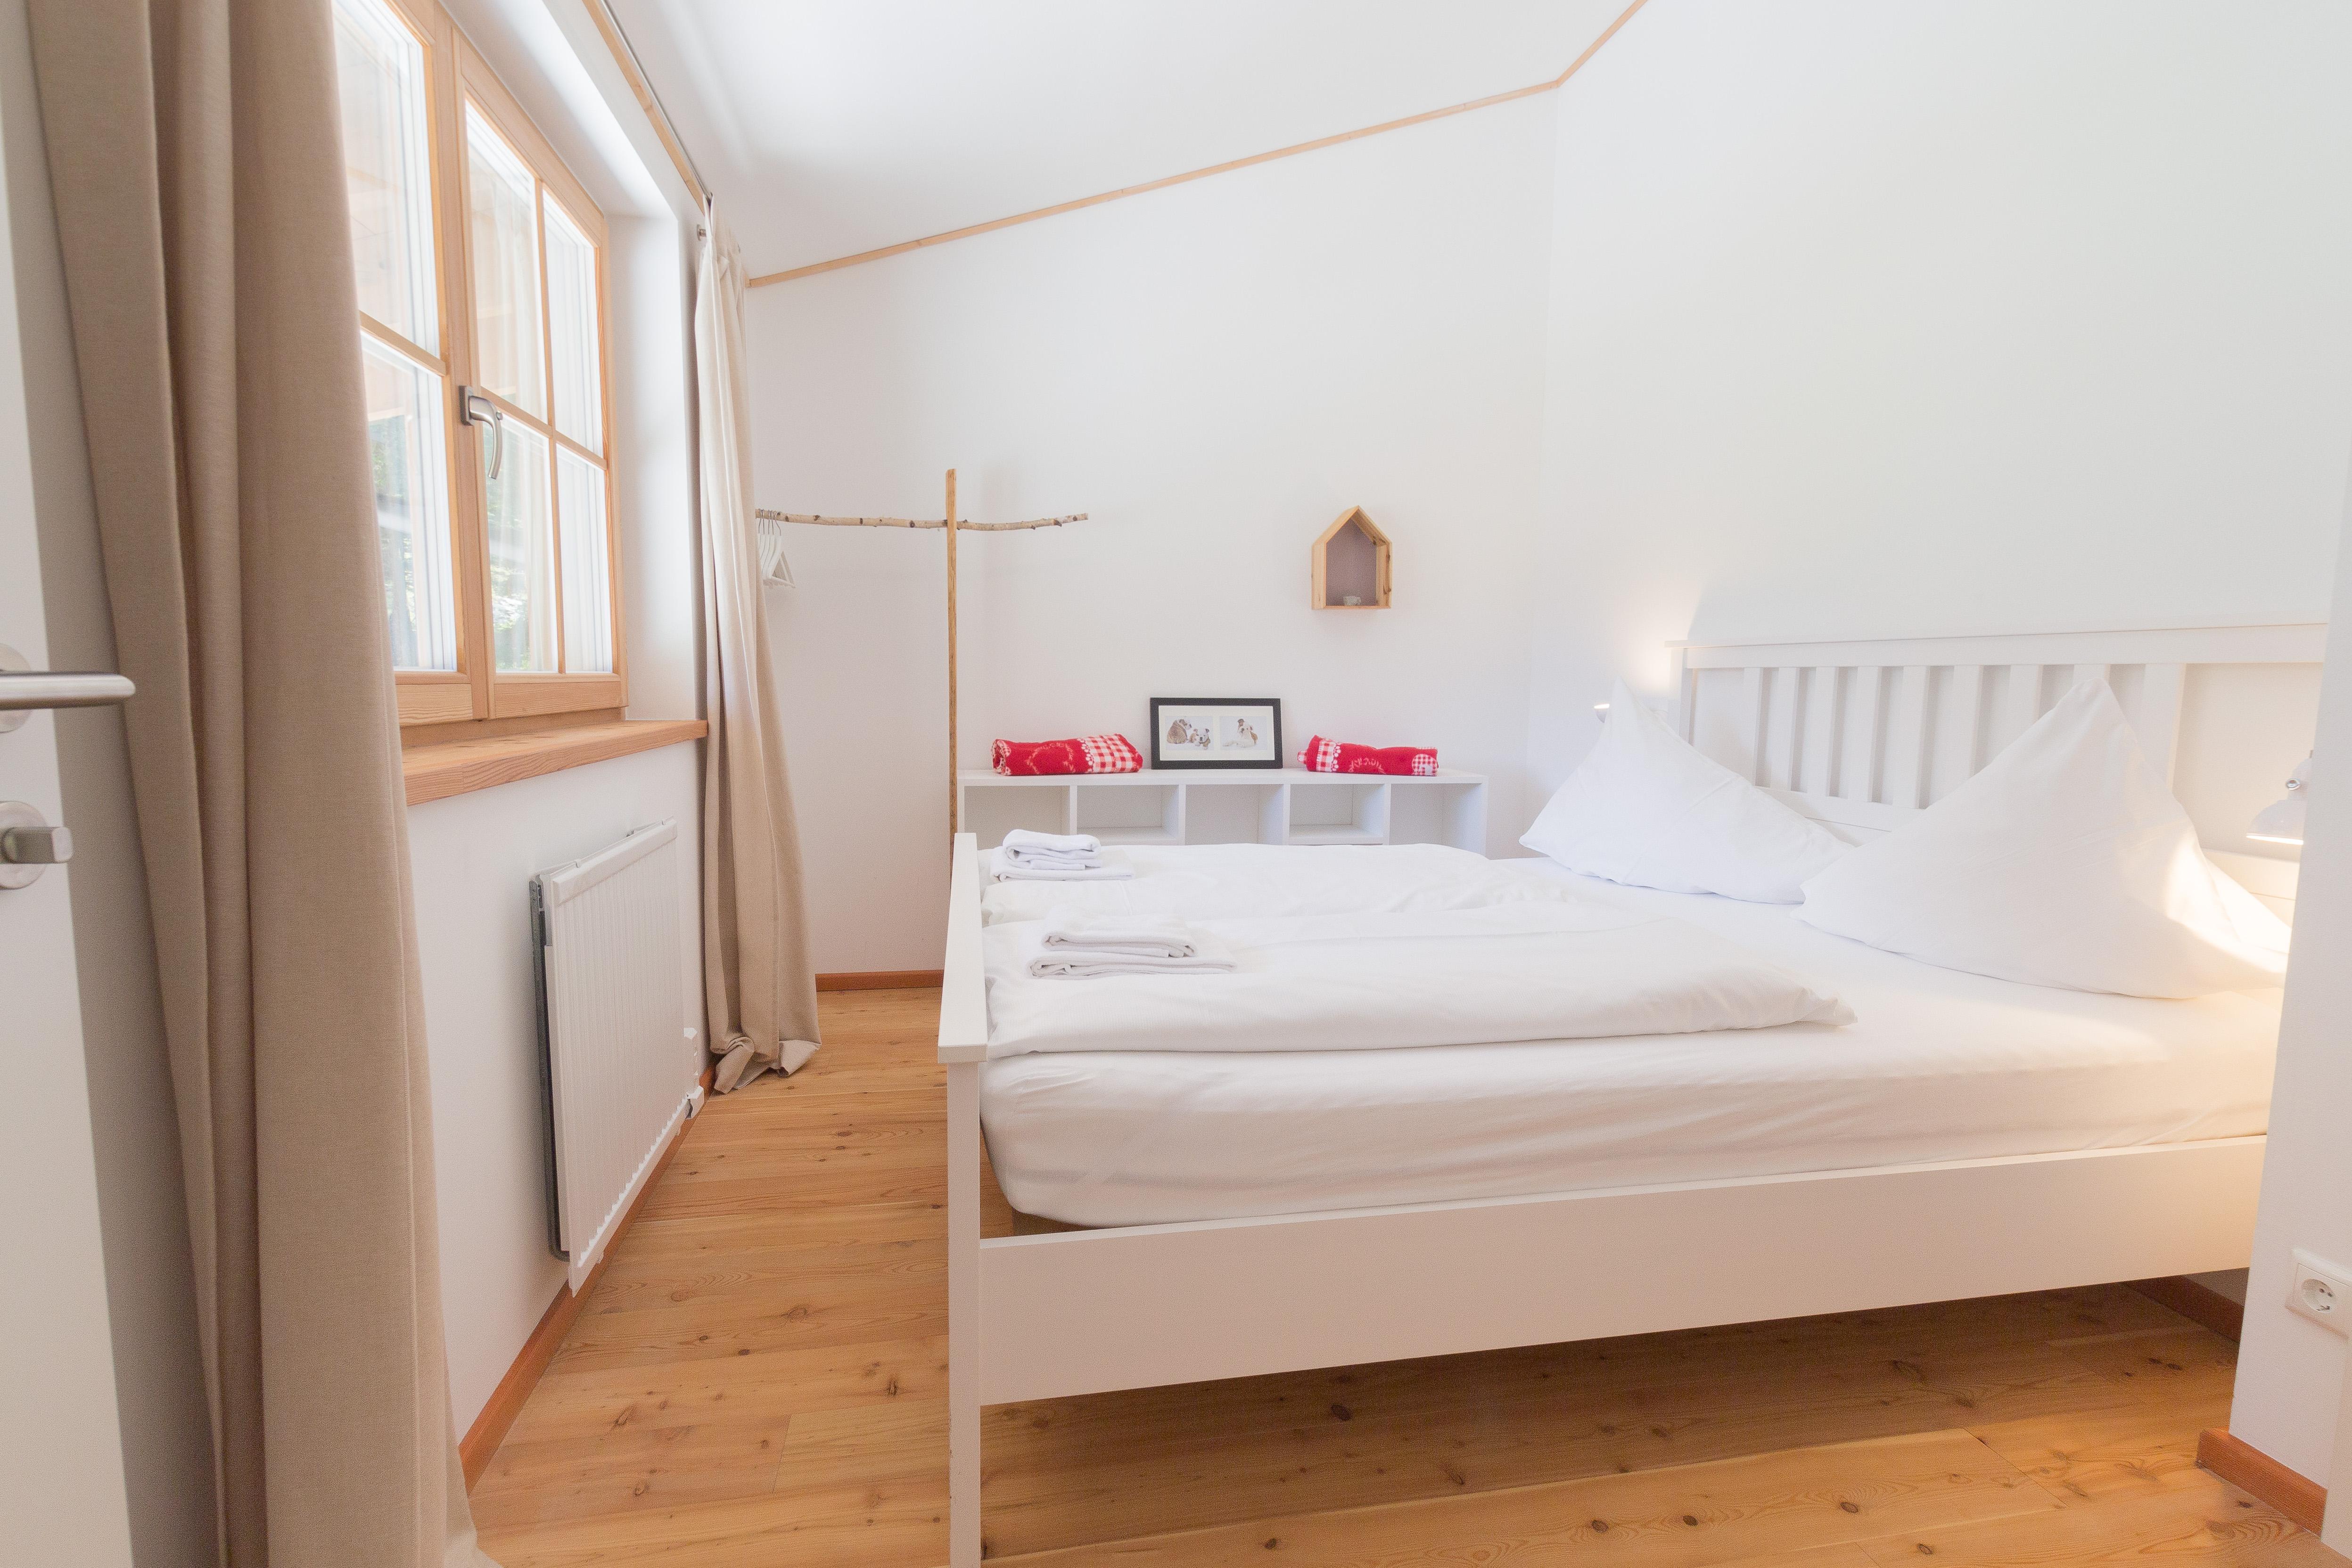 Maison de vacances Lodge Enzian direkt am Skilift (2050396), Uttendorf, Pinzgau, Salzbourg, Autriche, image 29